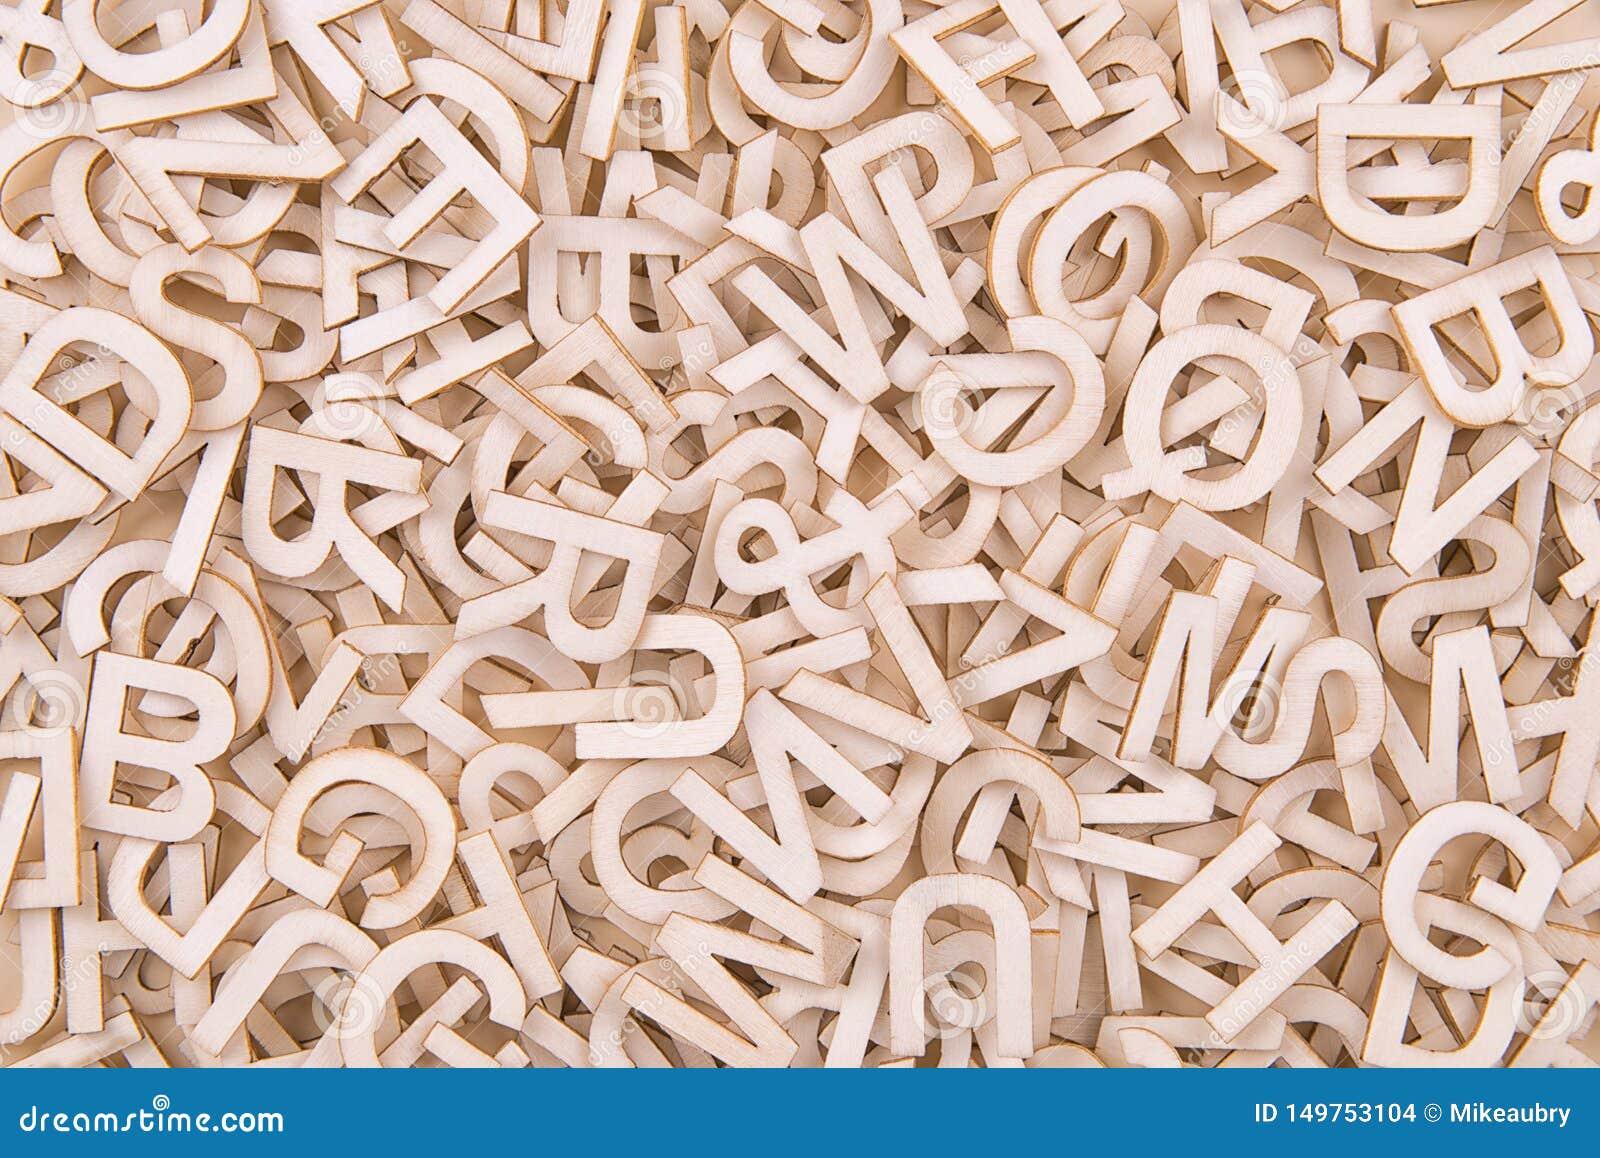 Draufsicht über Hintergrundbeschaffenheit von hölzernen Buchstaben